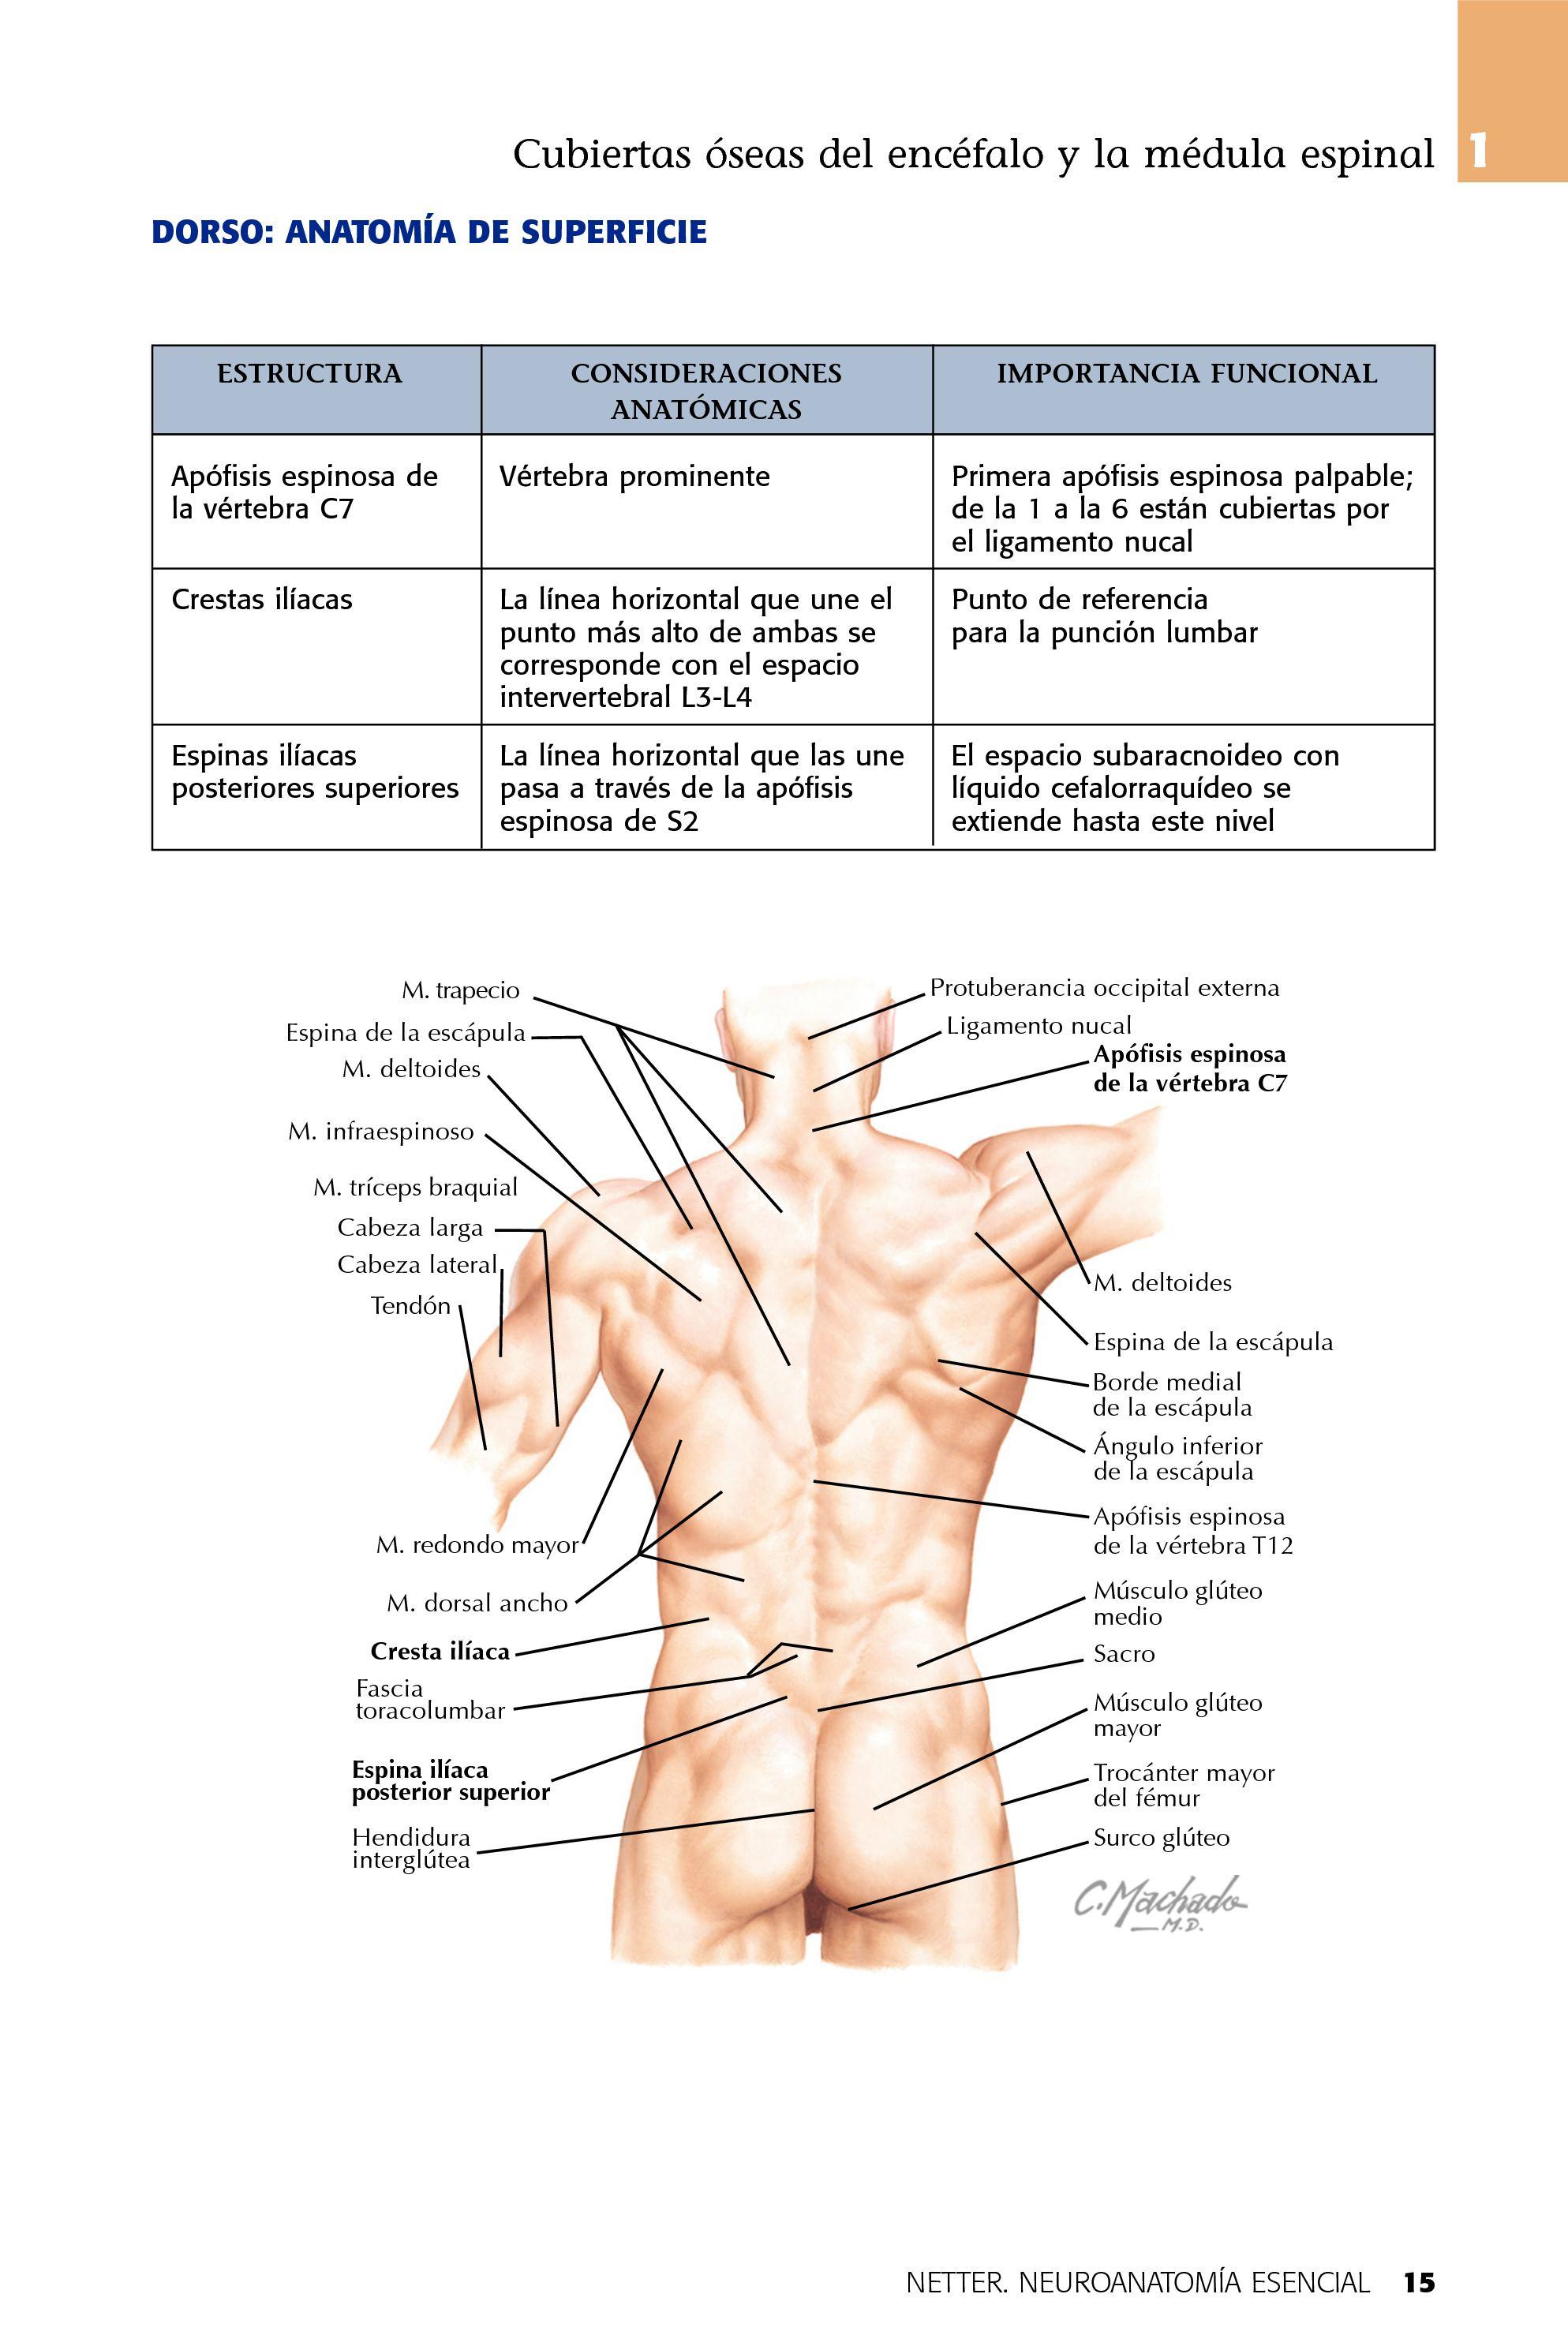 Excelente El Espacio Aracnoideo Bosquejo - Imágenes de Anatomía ...